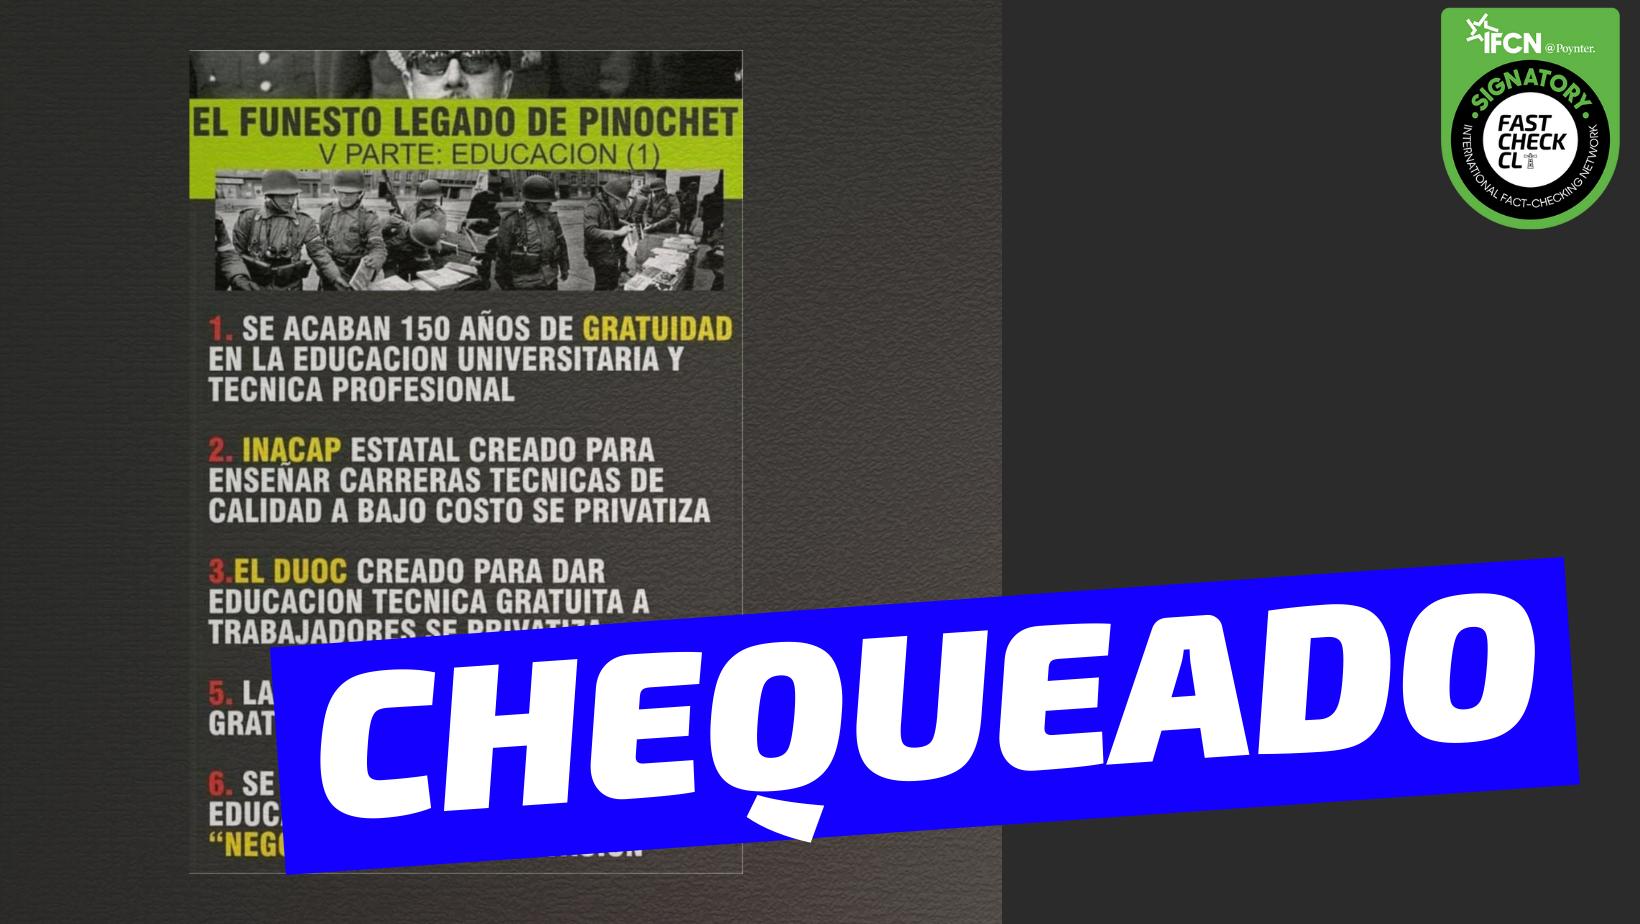 Read more about the article (Imagen) El legado de Pinochet en educación: #Chequeado